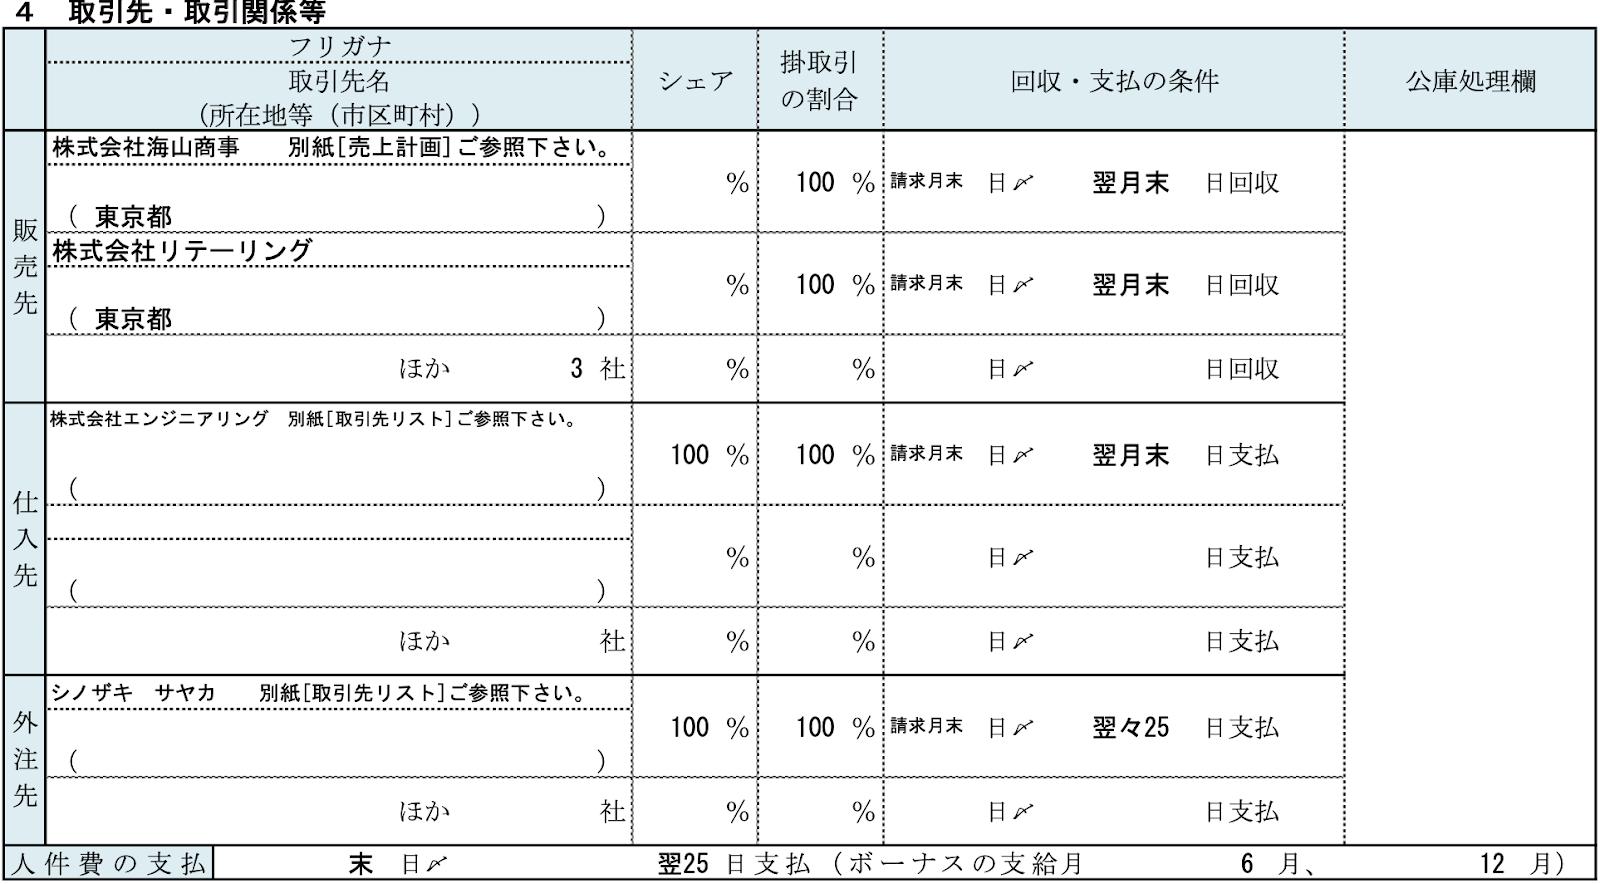 創業計画書の取引先サンプル図